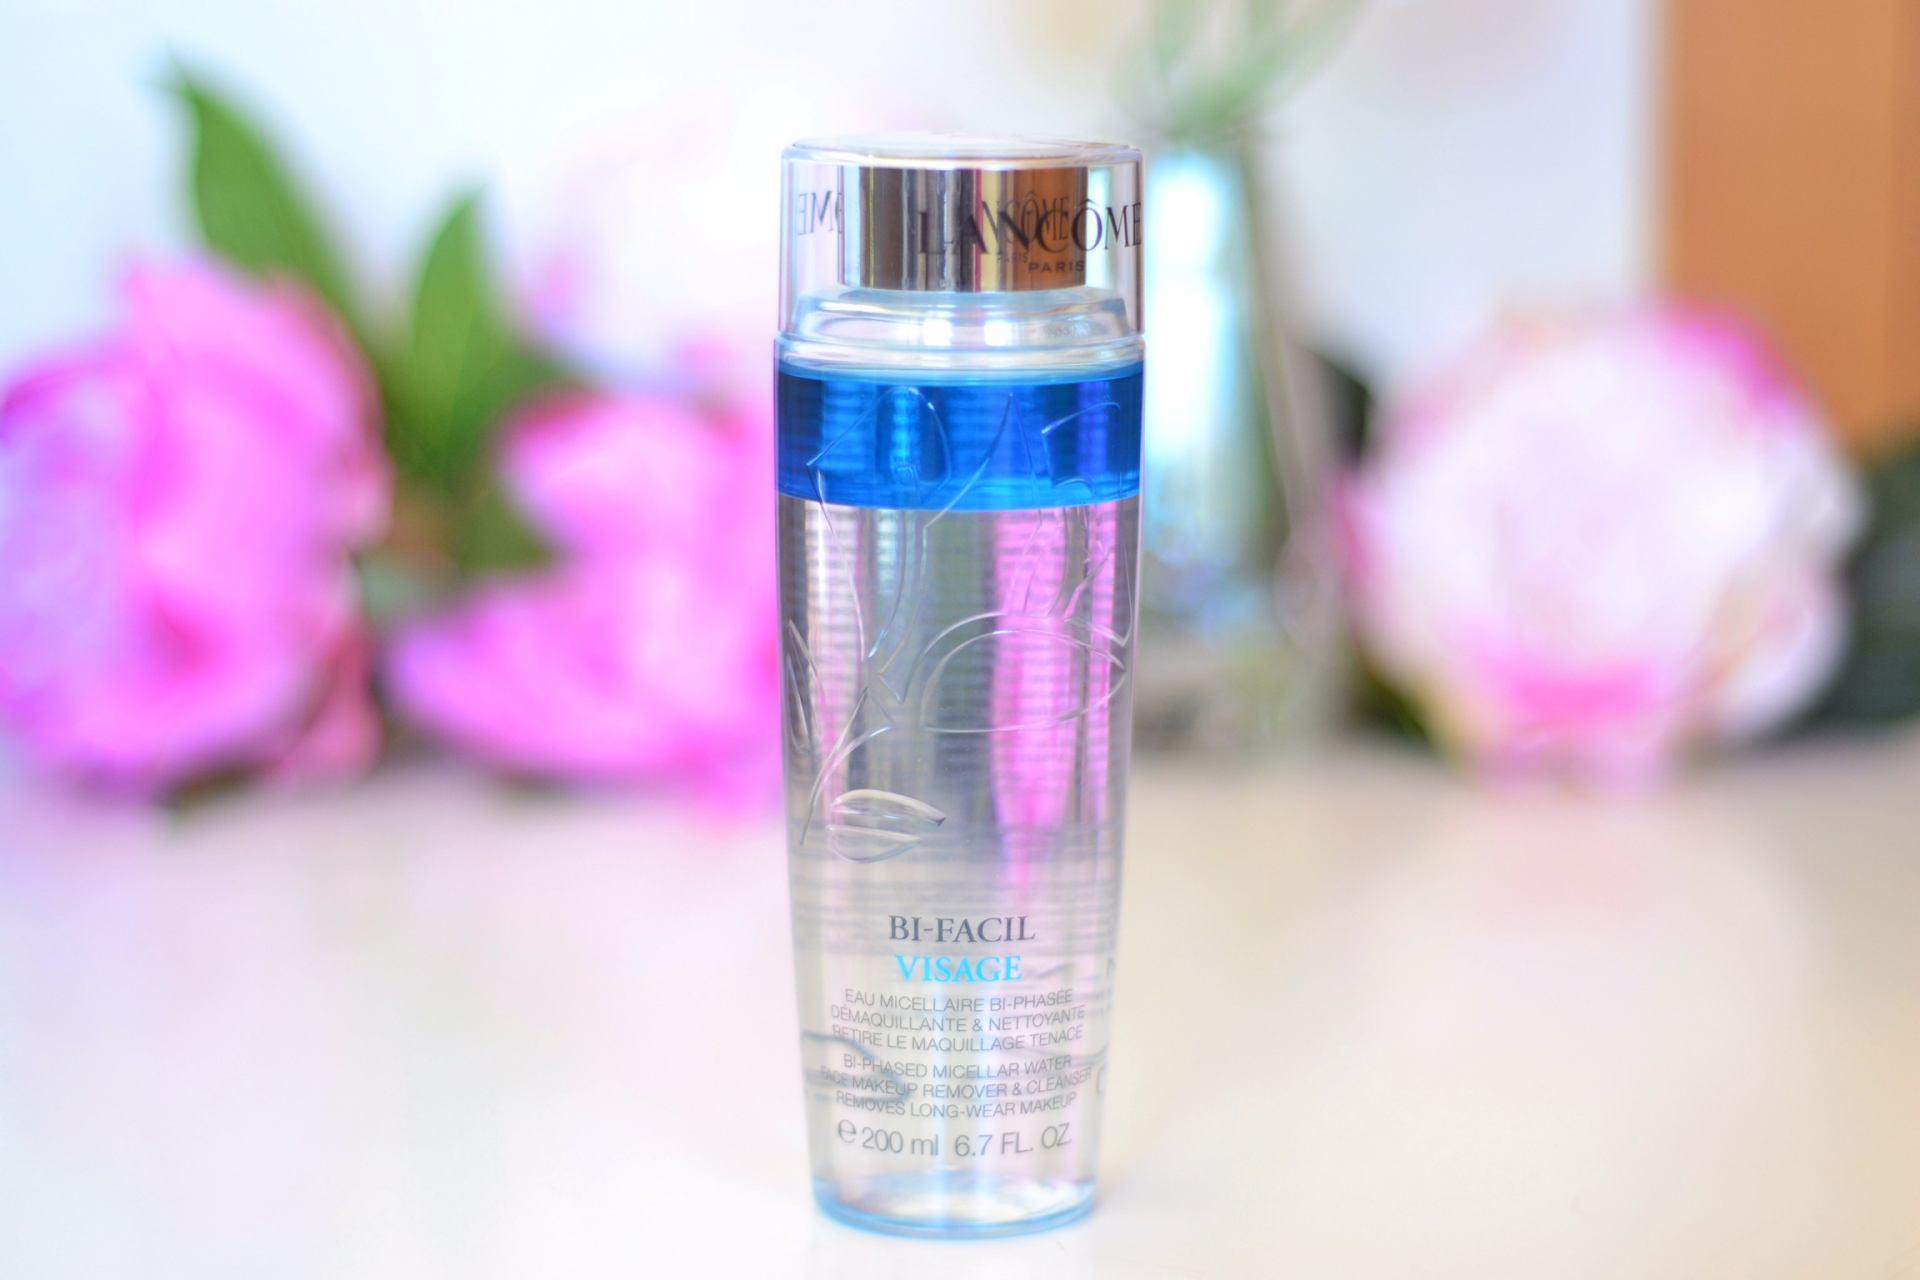 Lancôme-Visage-Micellar-Water-Review